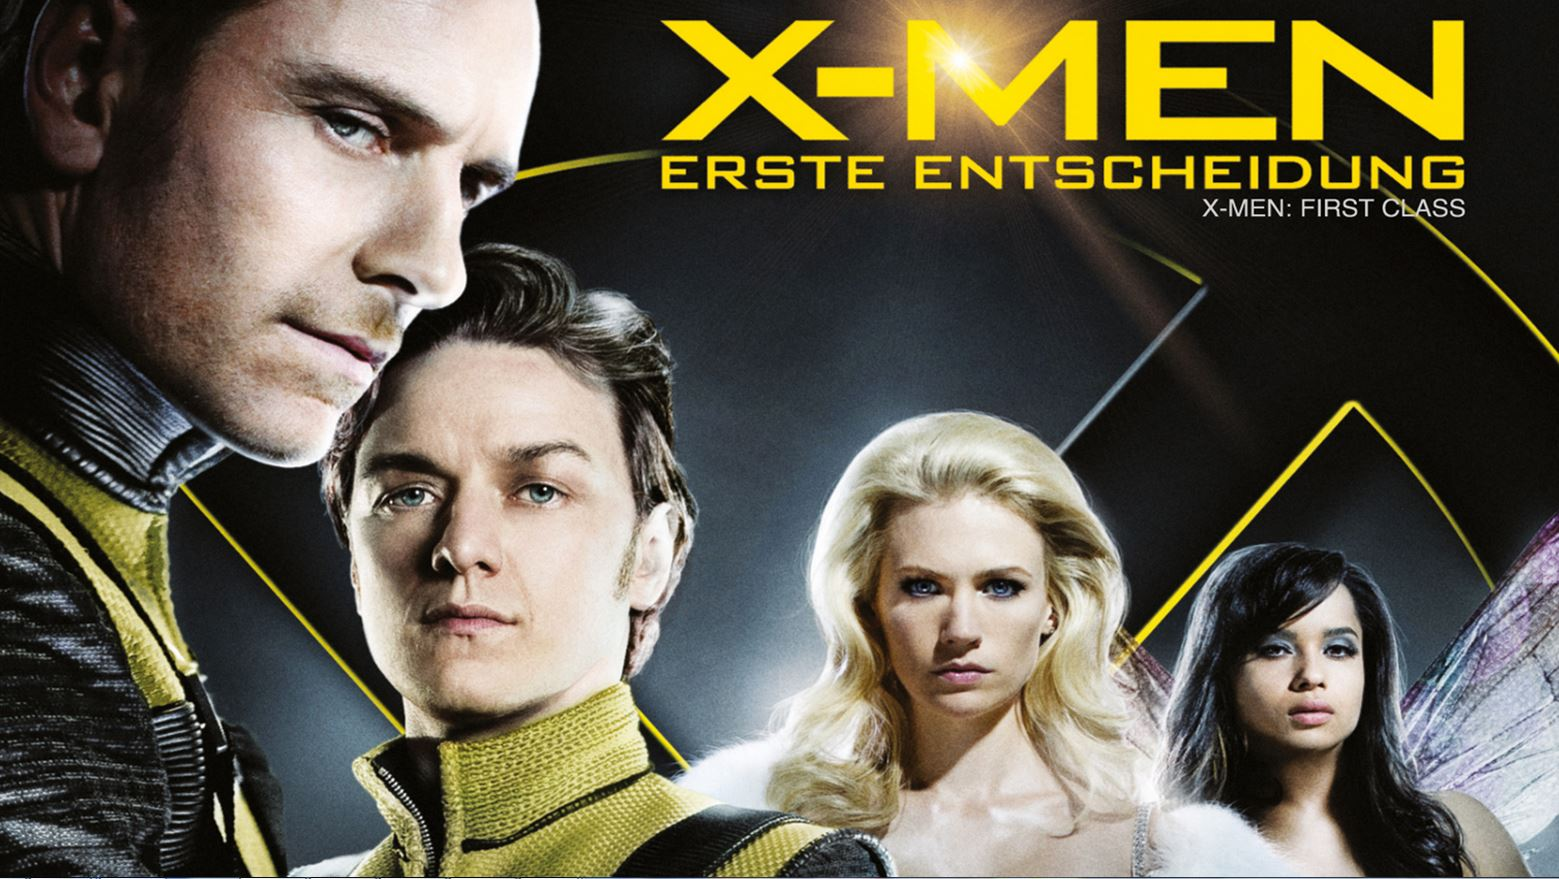 X Men Erste Entscheidung